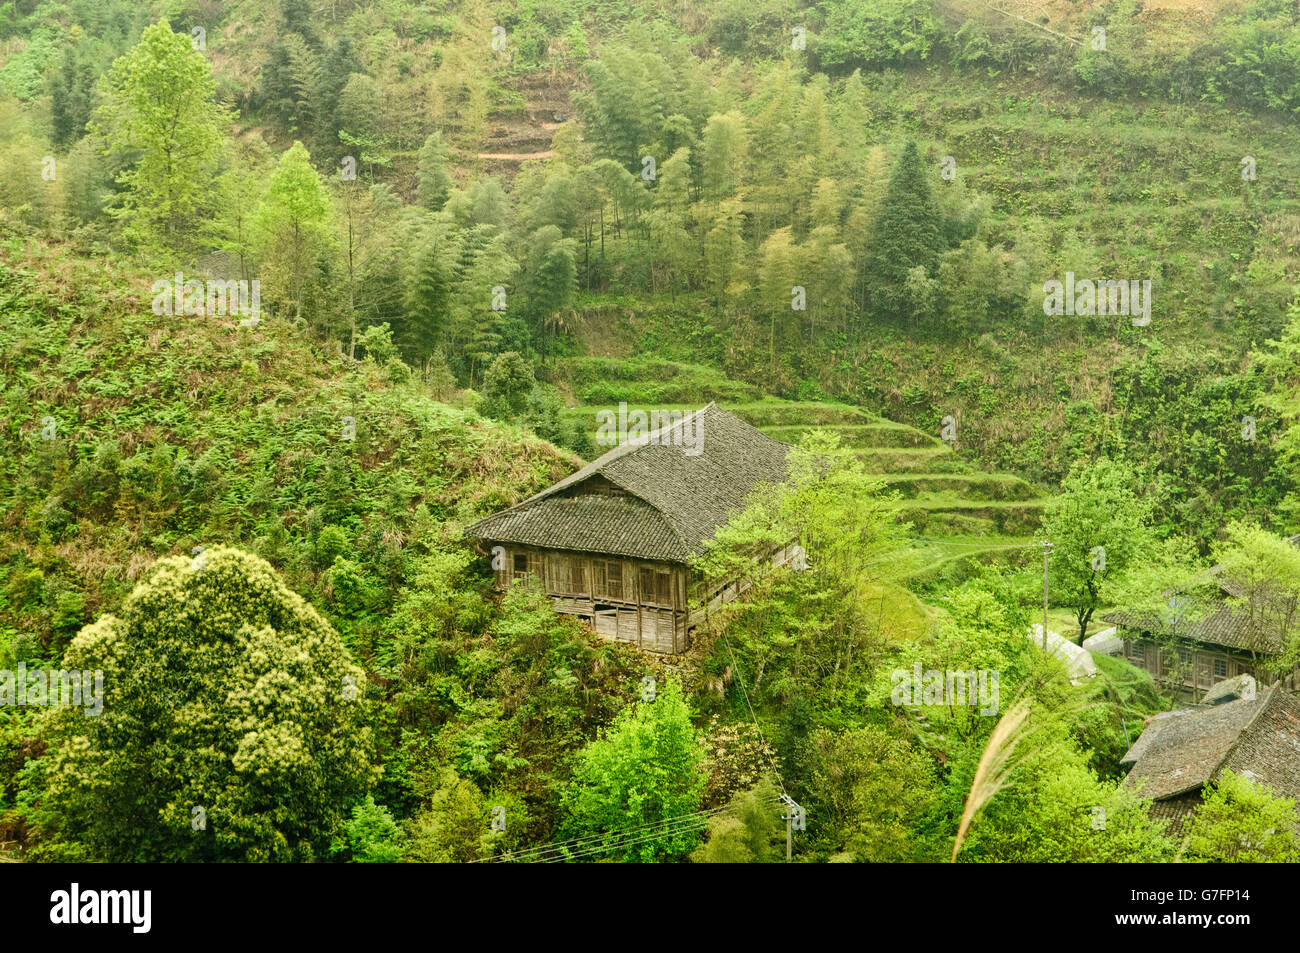 Maisons traditionnelles de la minorité Yao Ping'An, près de la région autonome du Guangxi, Chine Photo Stock